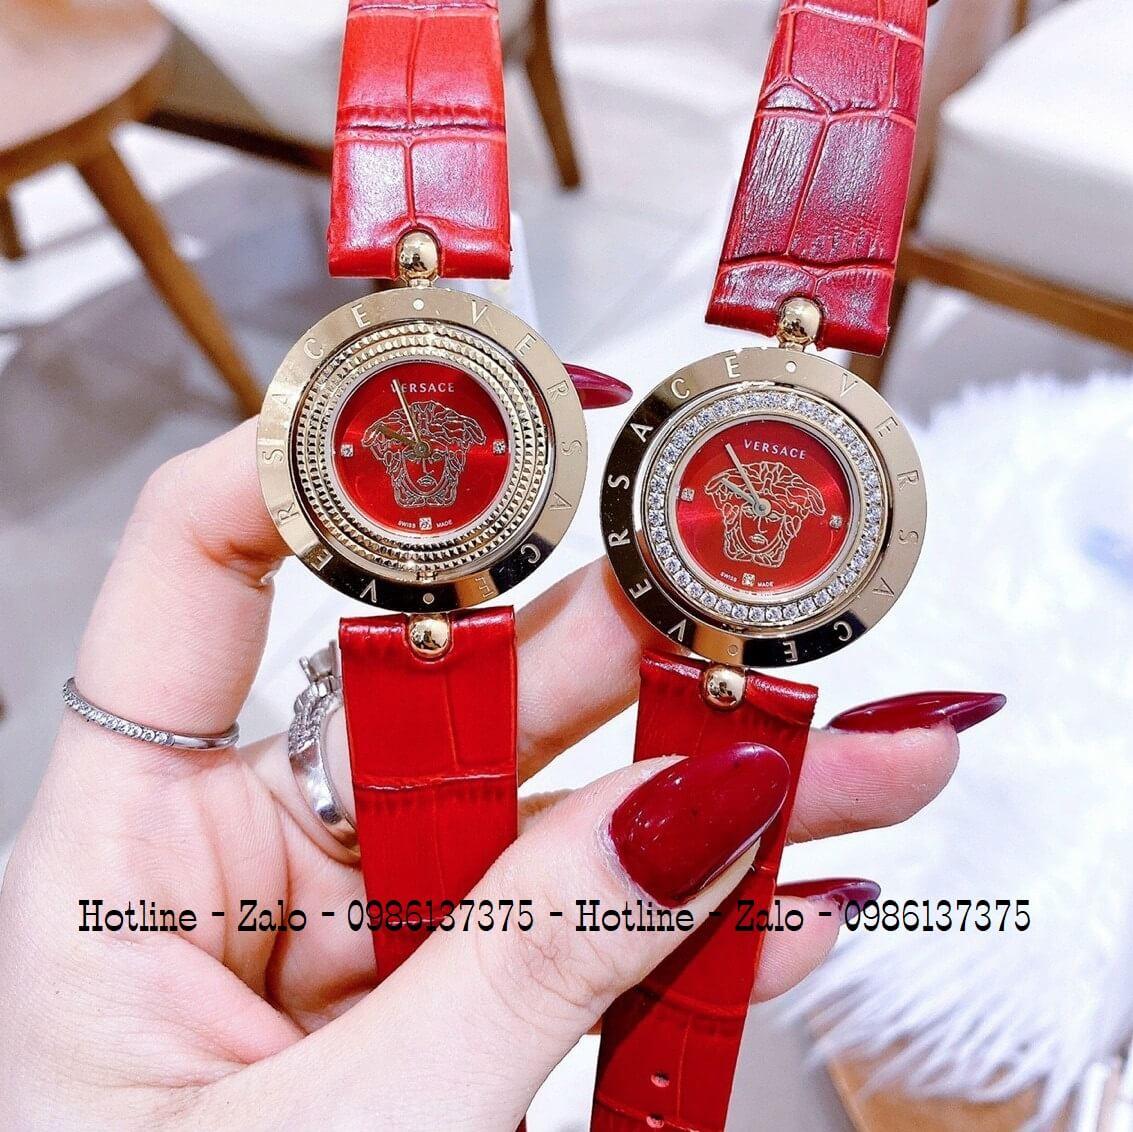 Đồng Hồ Versace Eon Nữ Dây Da Đỏ Gold Mặt Xoay 34mm